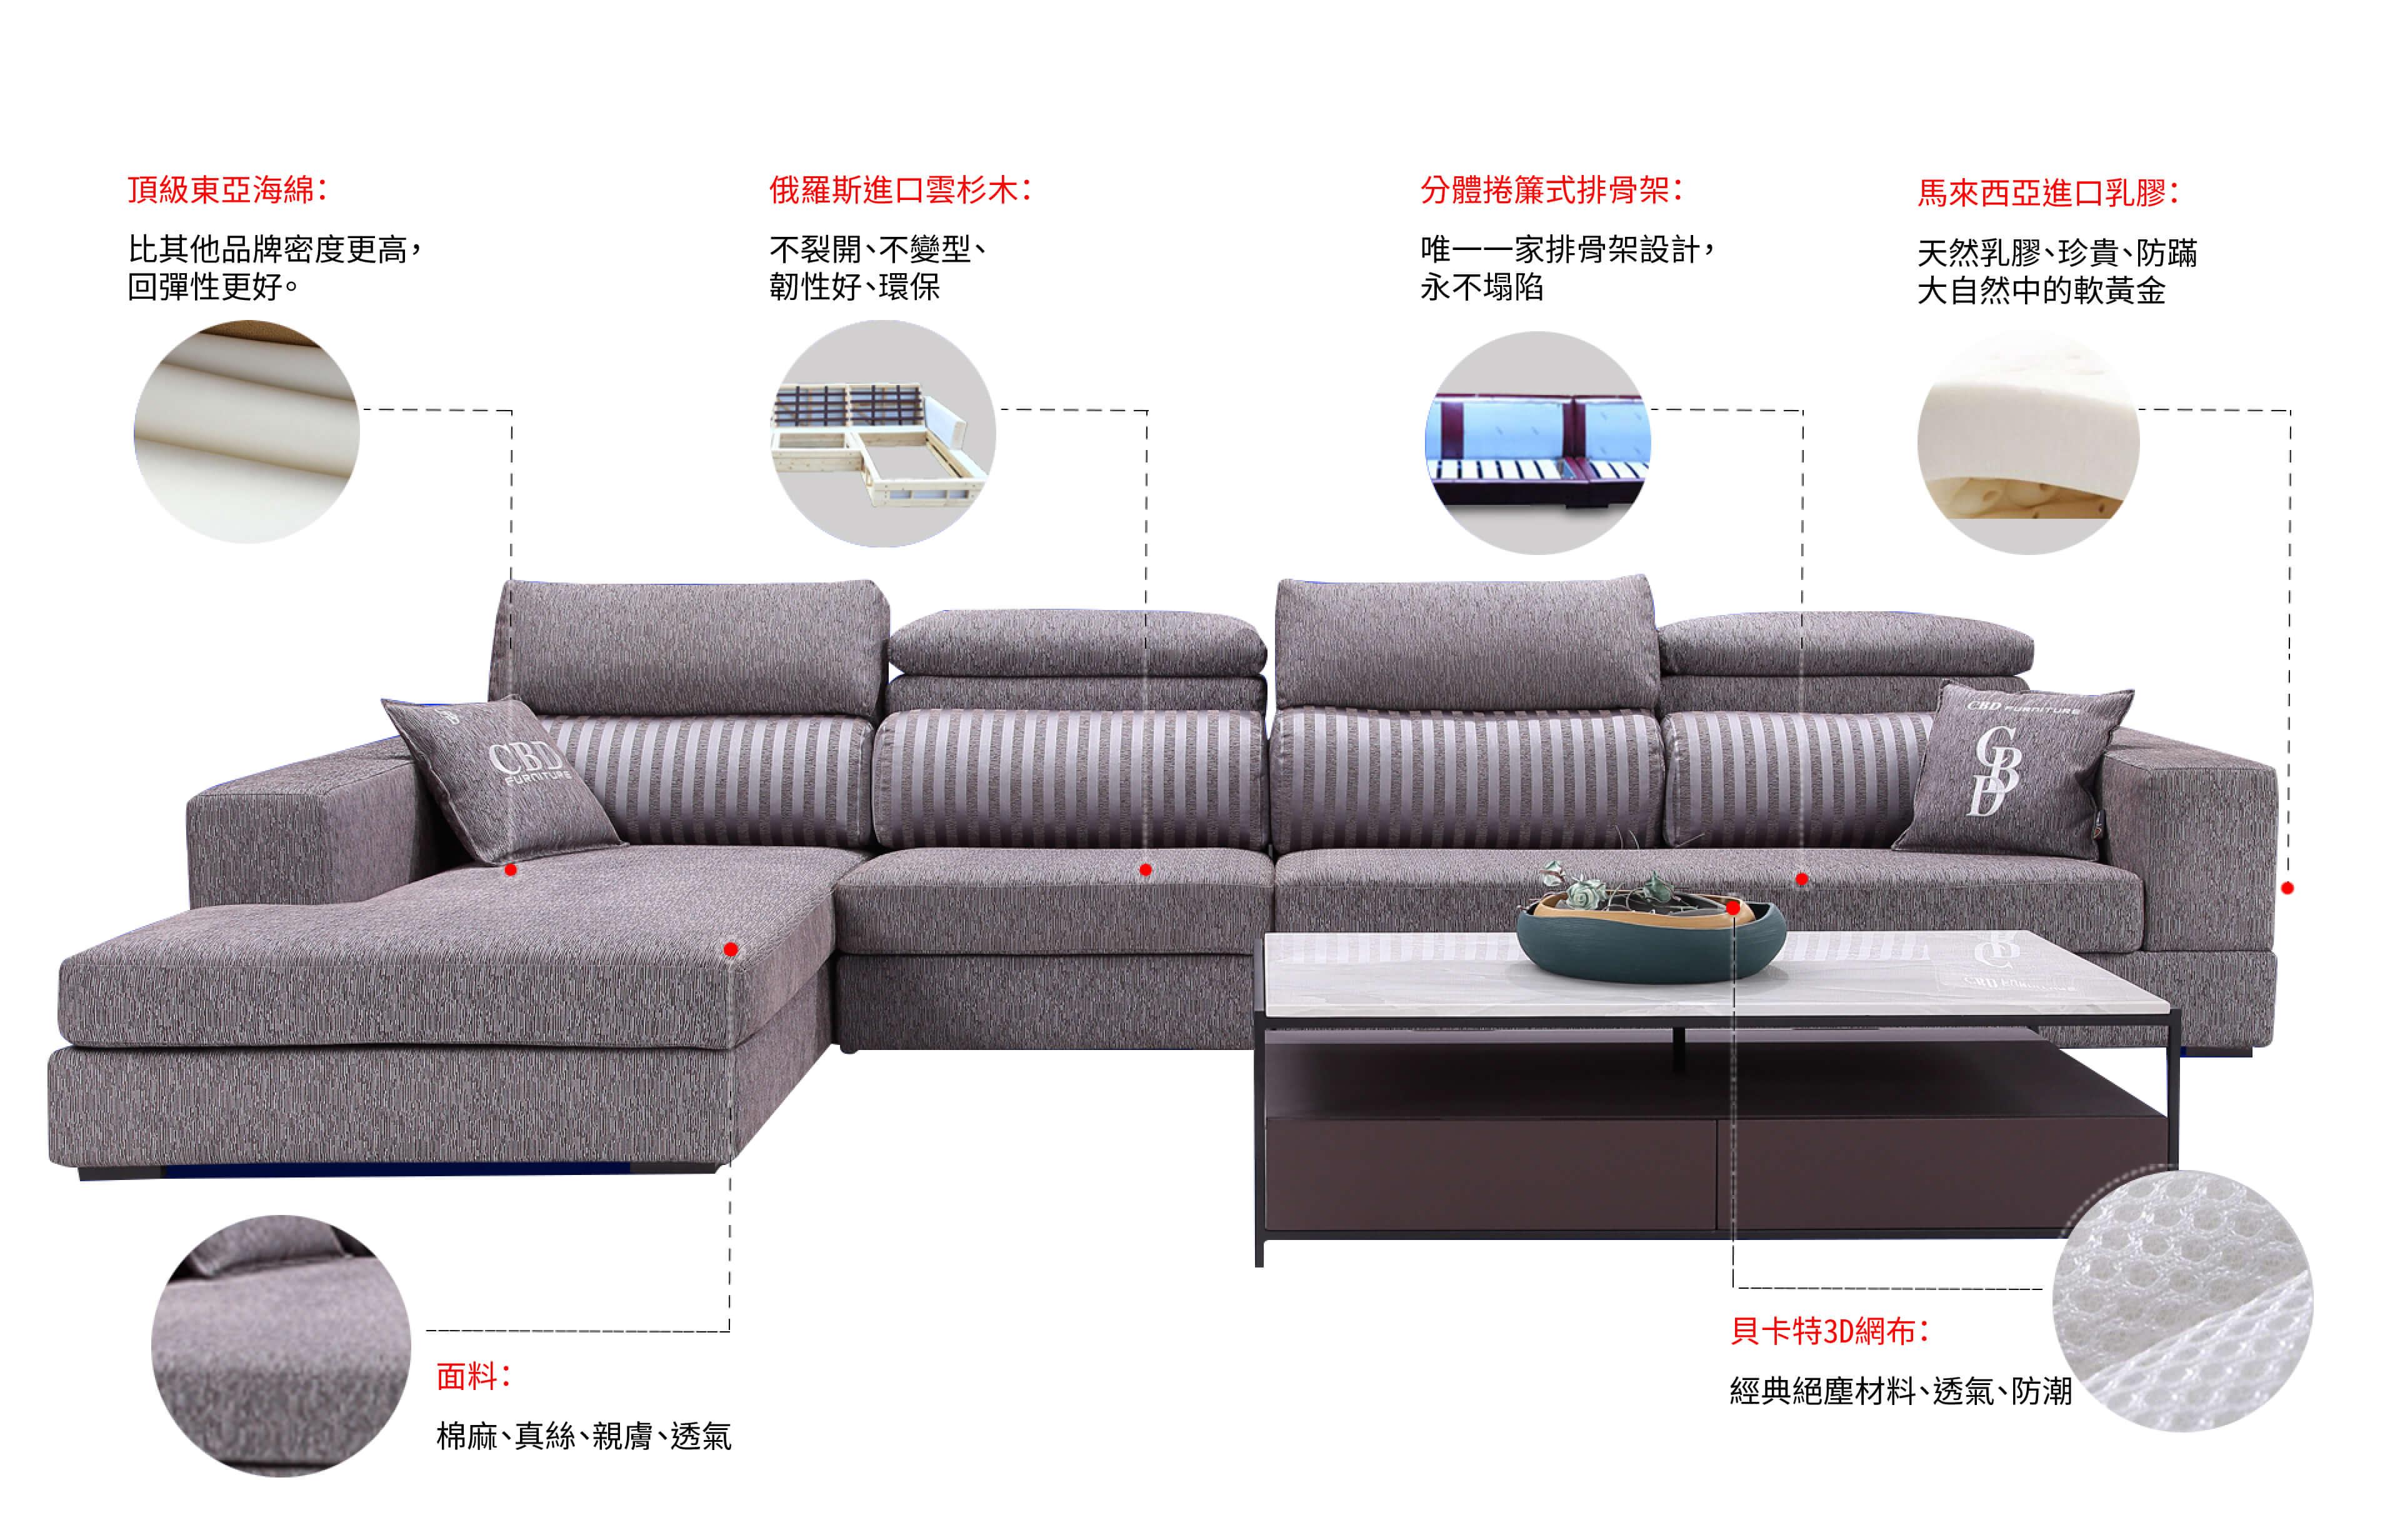 CBD現代家具採用頂級東亞海綿